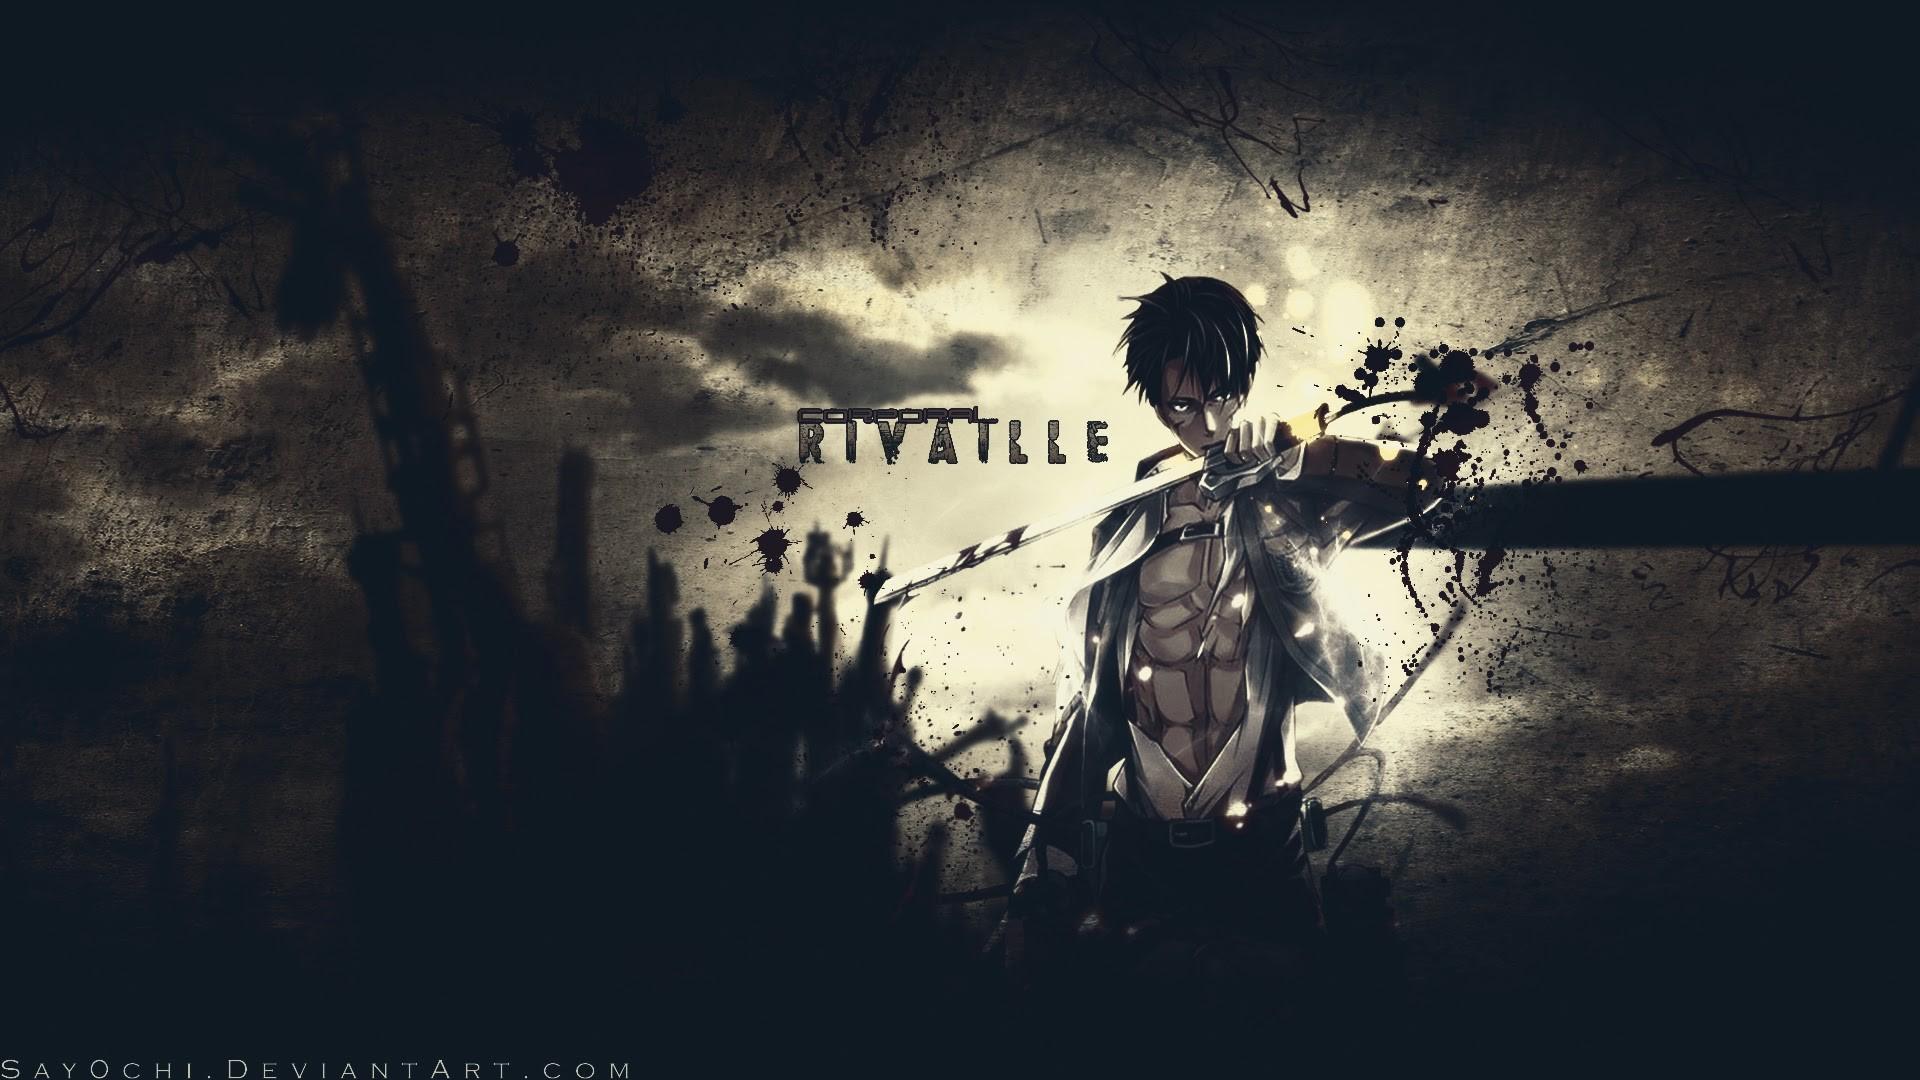 Attack On Titan Levi Wallpaper 1080p Rivaille levi attack on titan